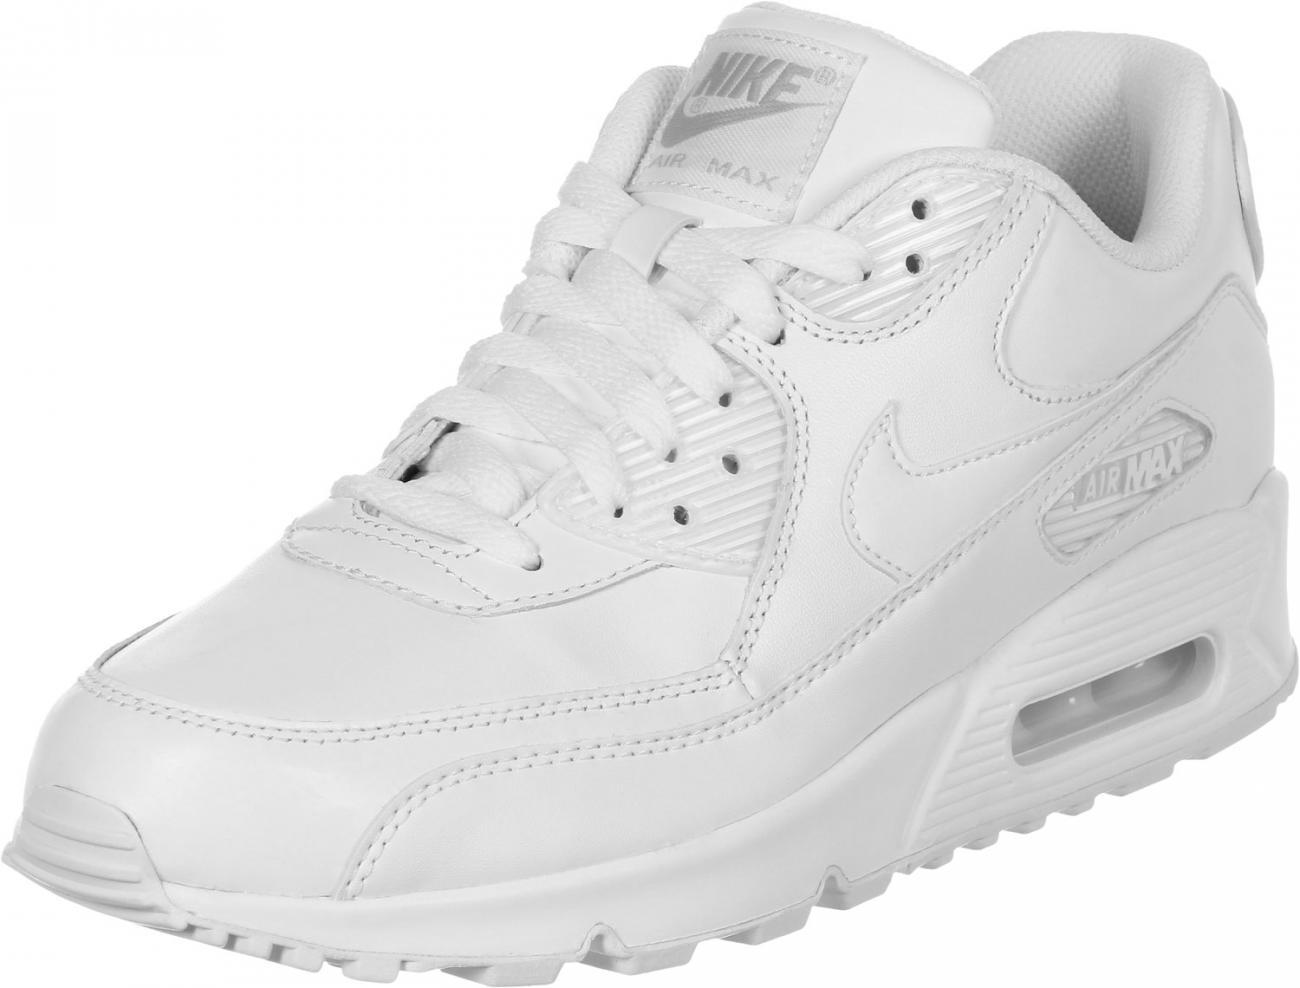 Nike Air Max|Nike Air Max 90 Homme/Femme Blanc - Nike Air Max 90 ...